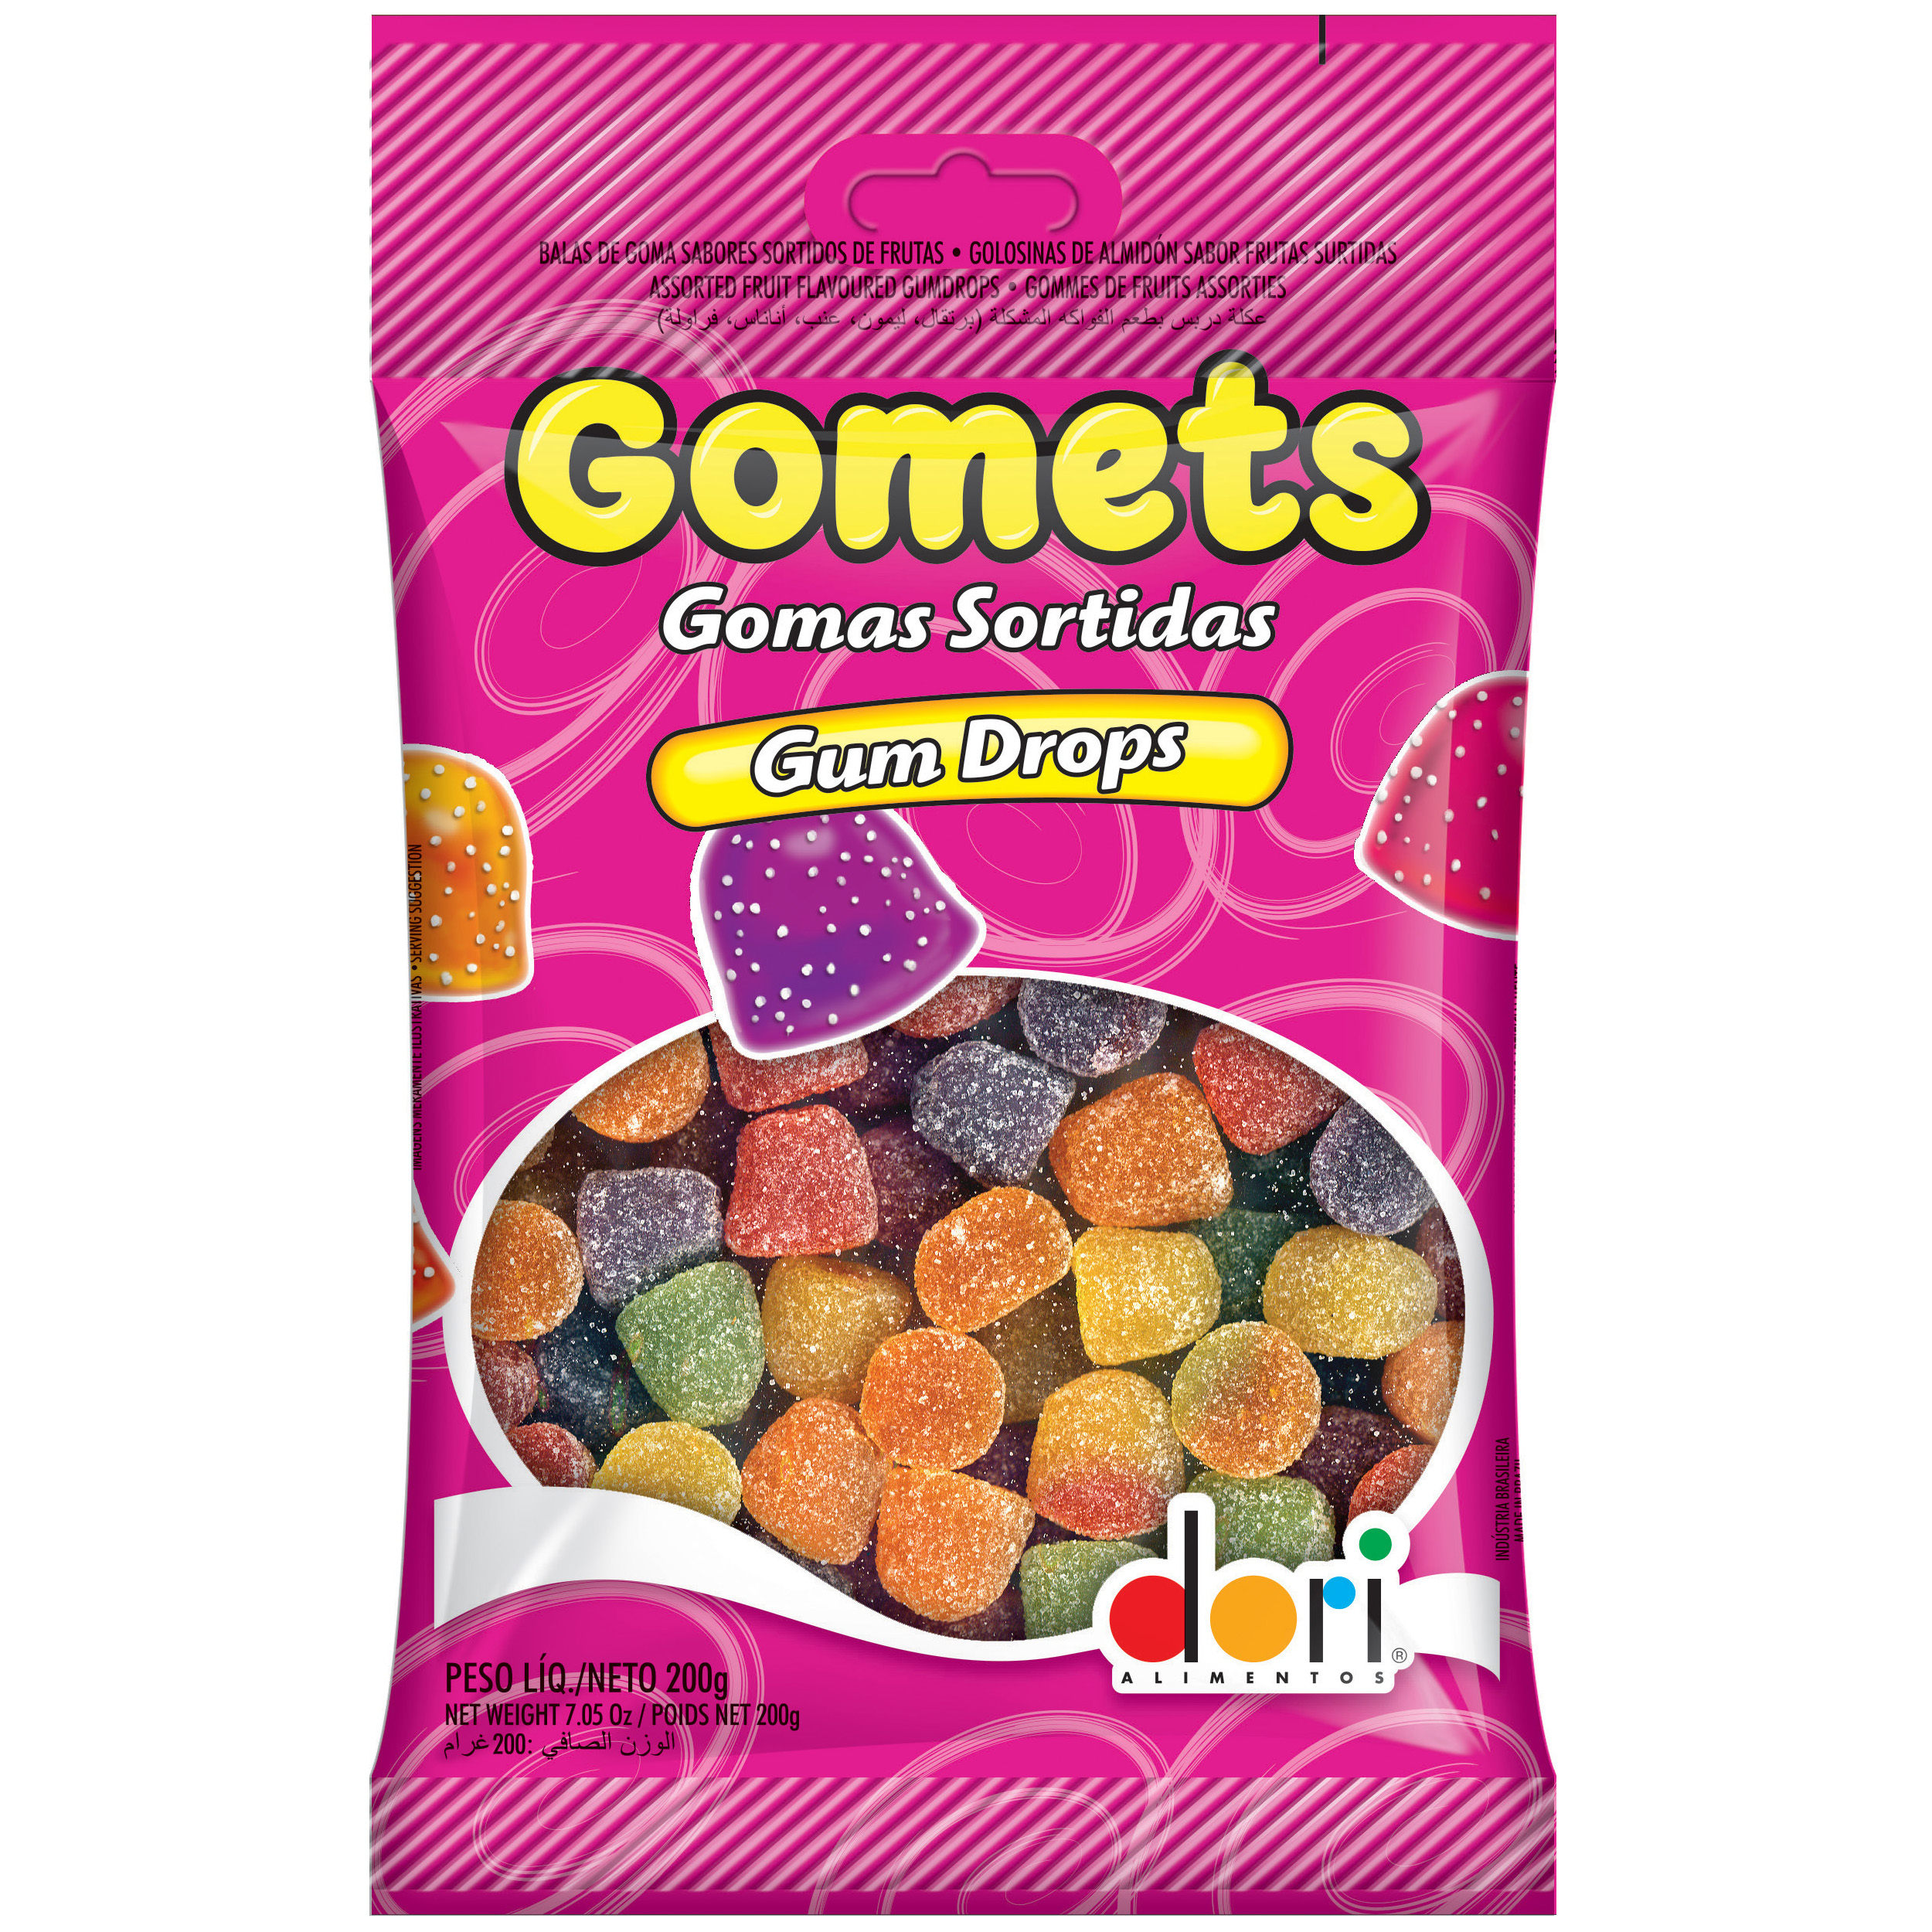 Gomets Gum Drops (Dori Alimentos)